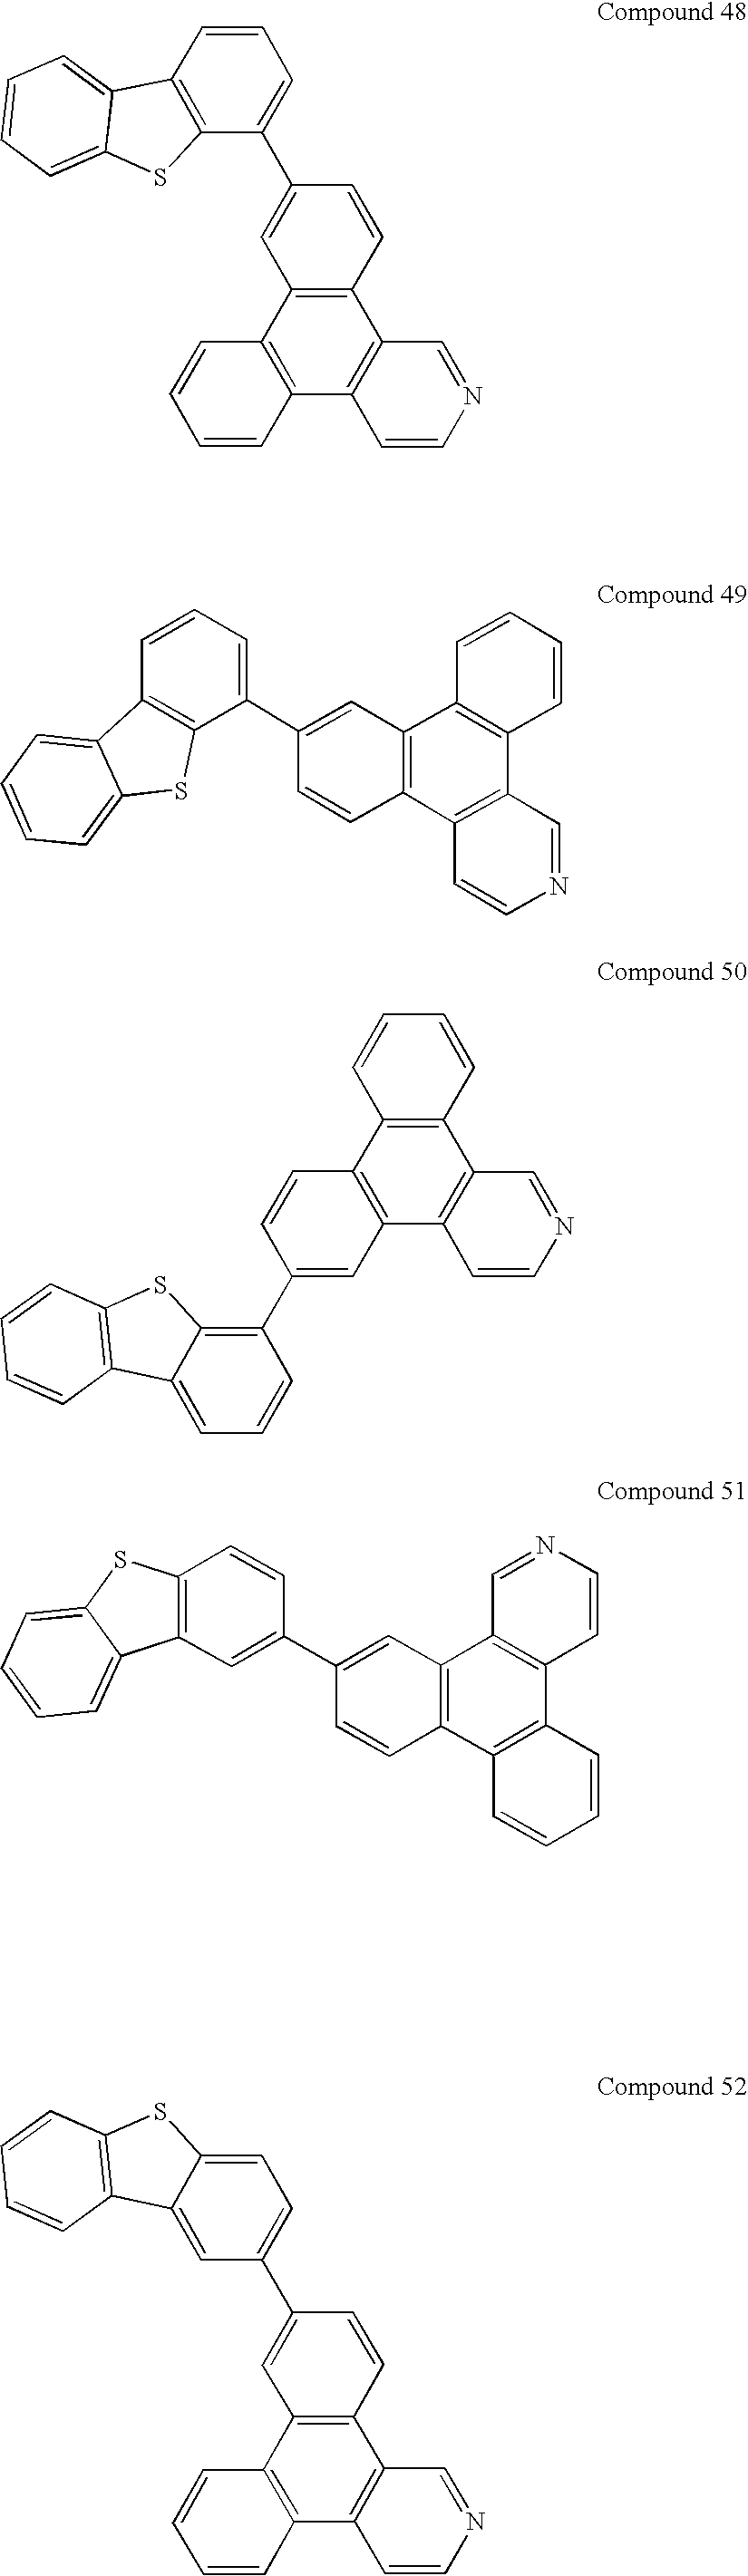 Figure US20100289406A1-20101118-C00042